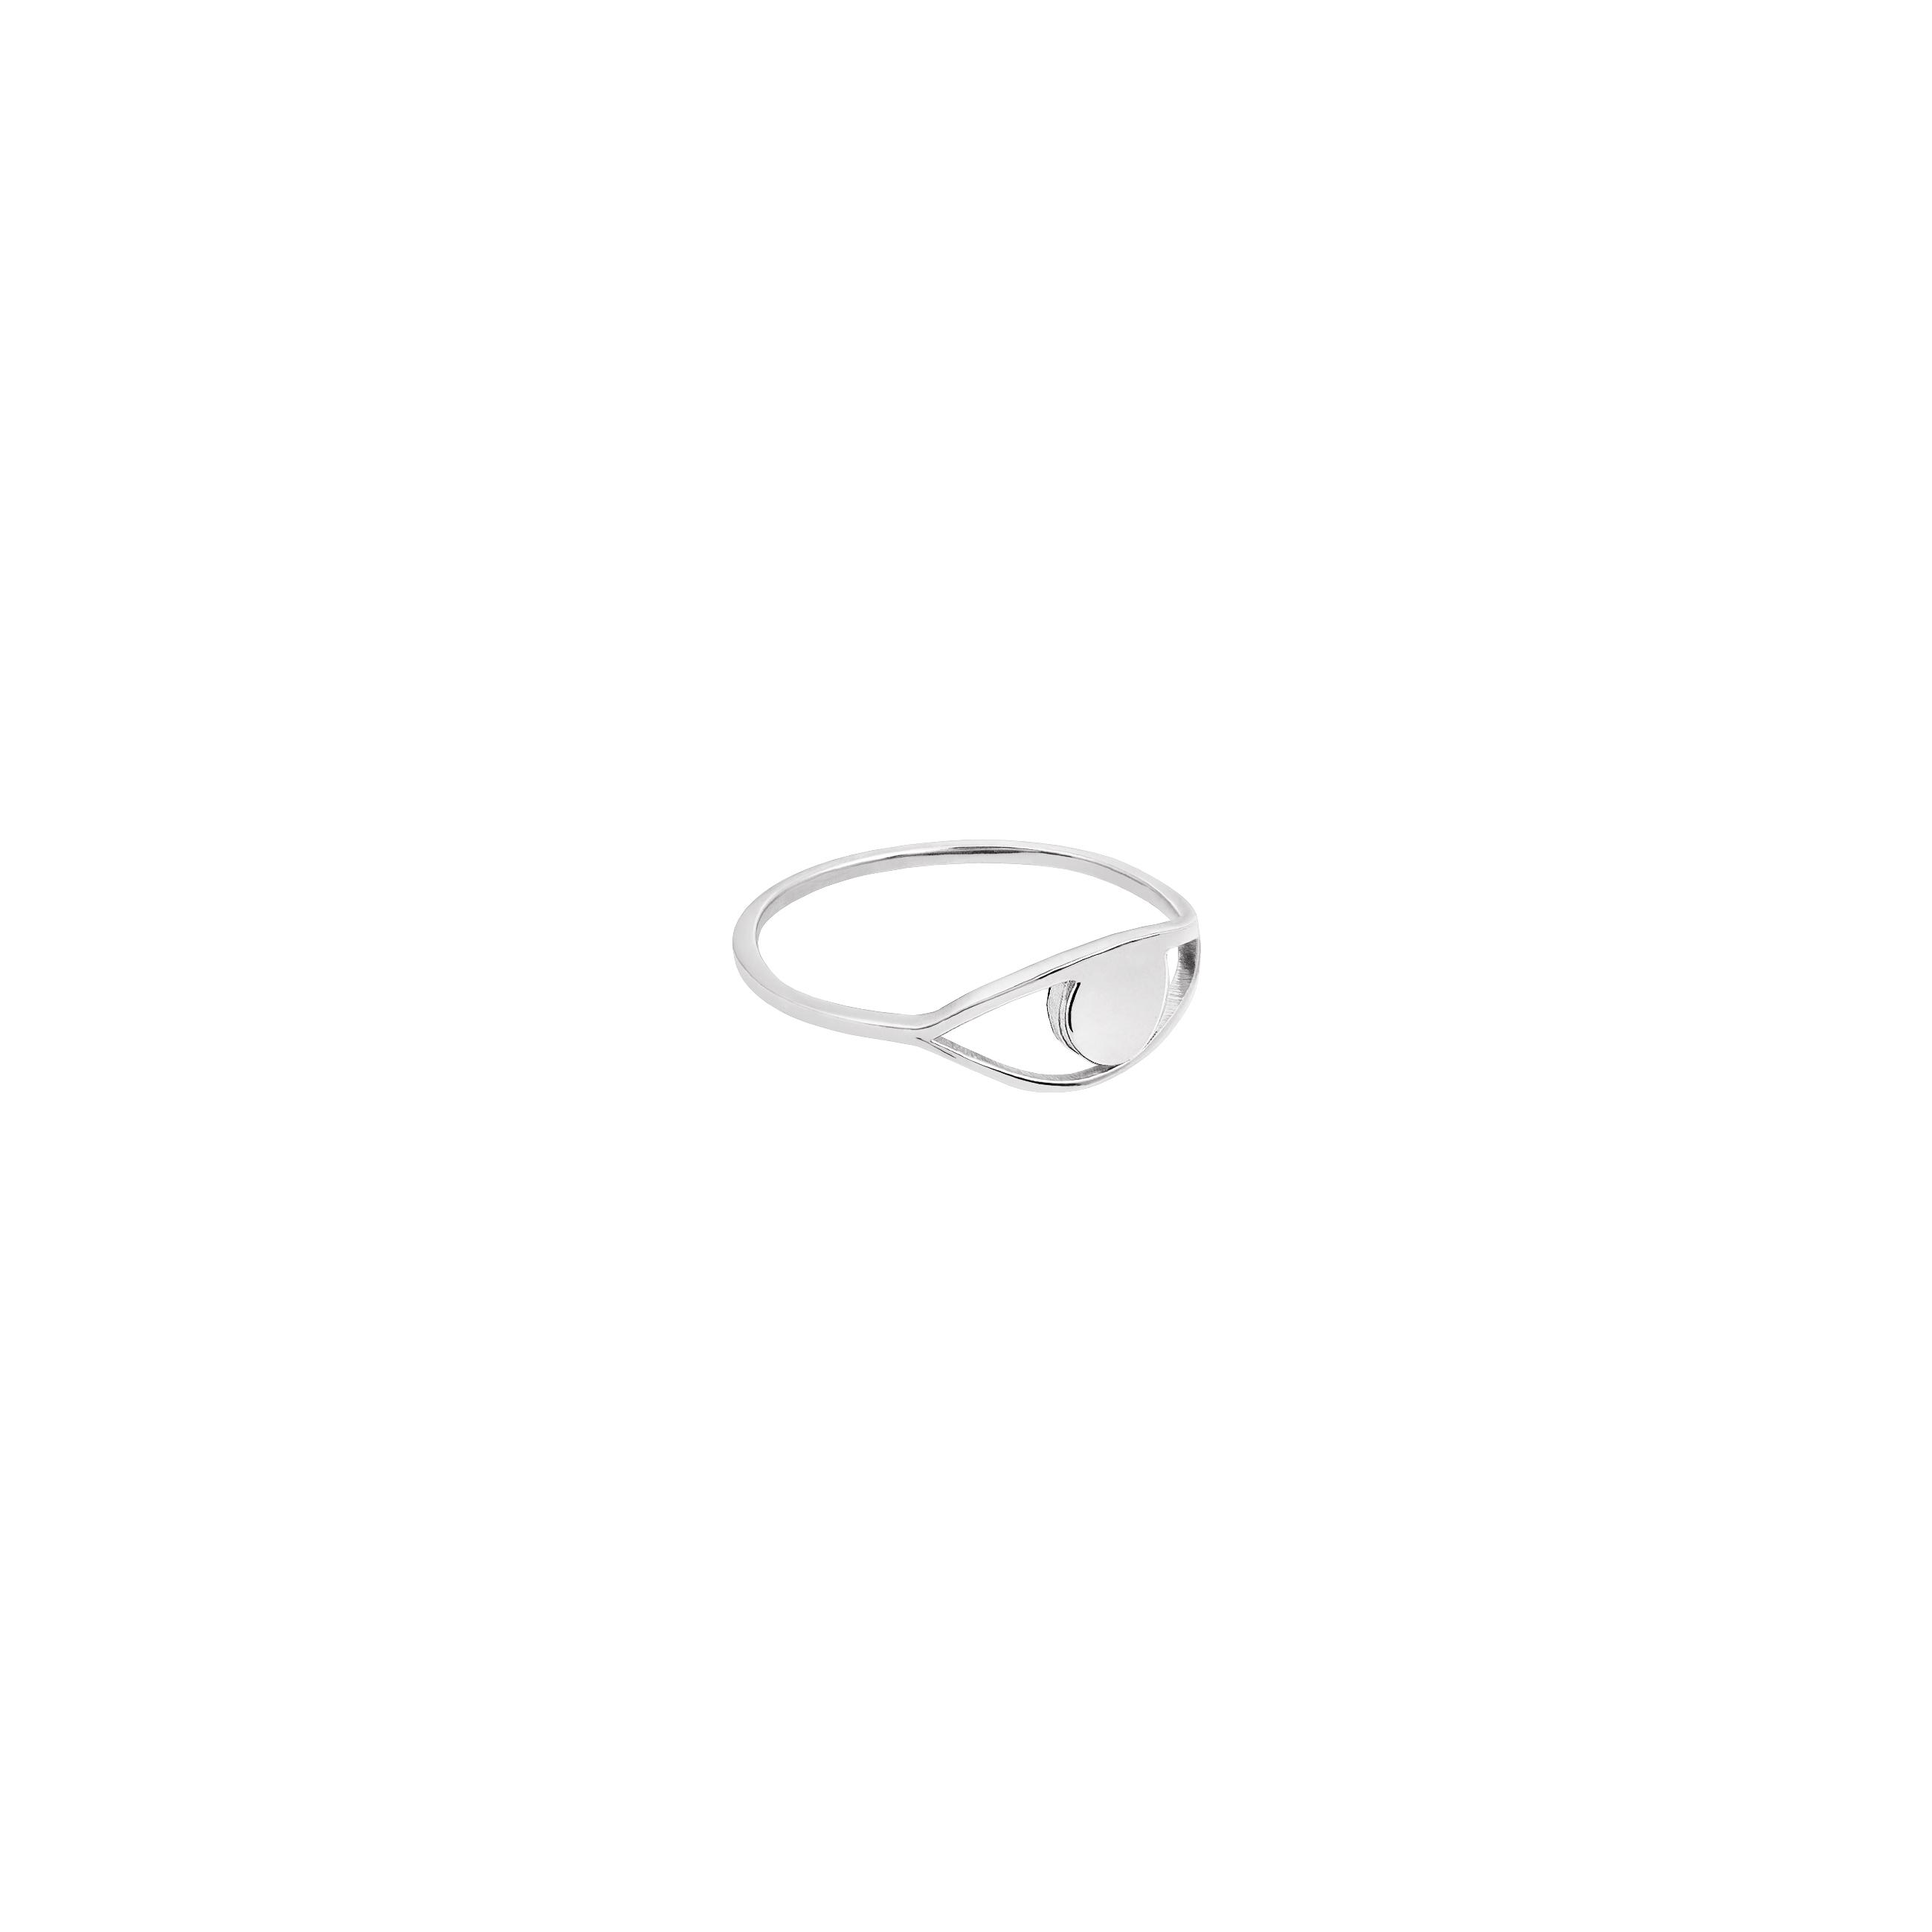 eye ring 2 silver